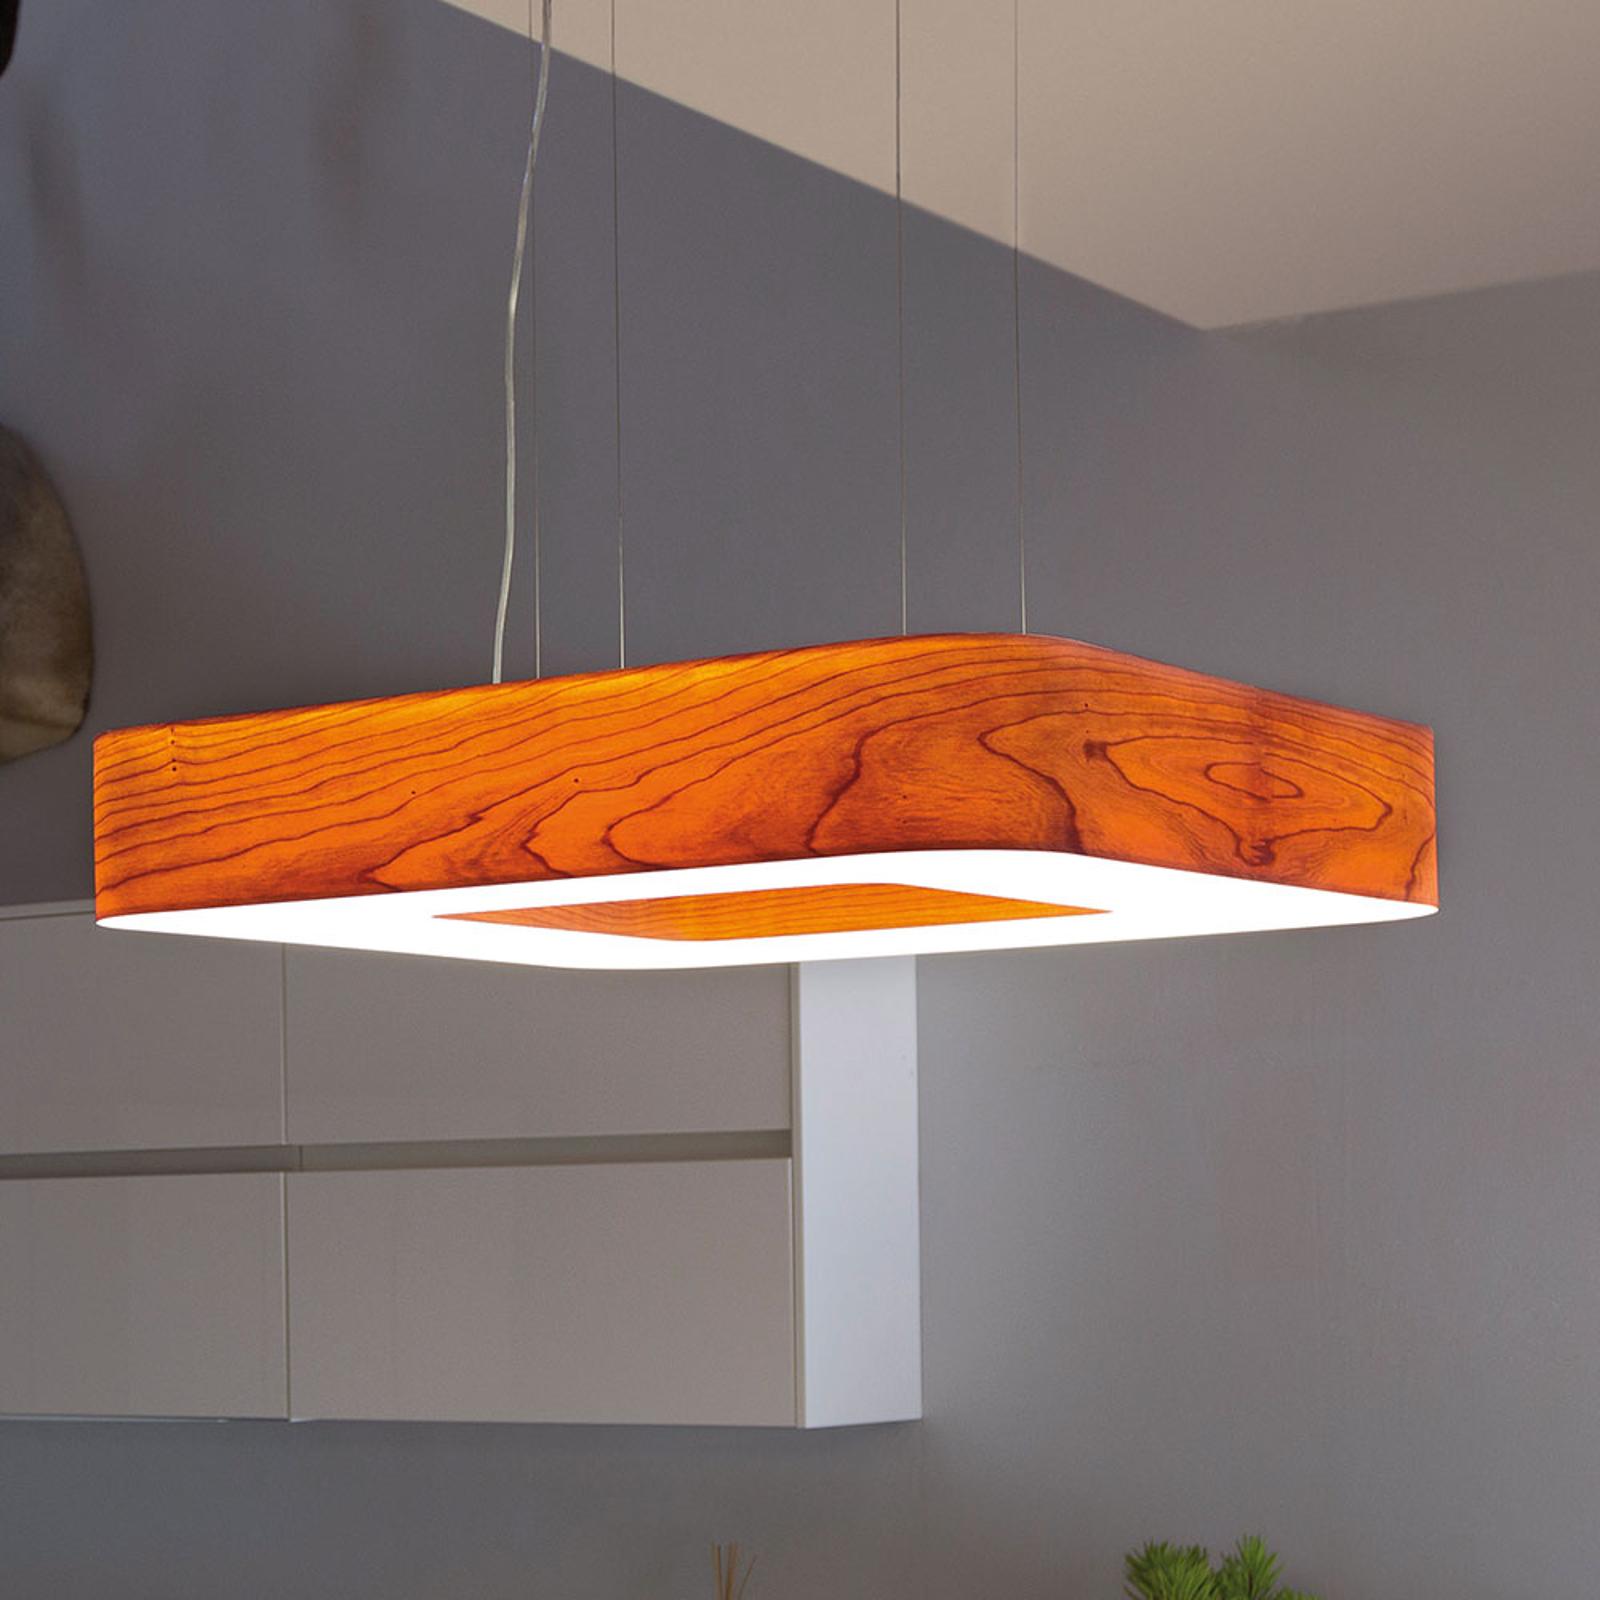 LZF Cuad LED-Hängeleuchte 0-10V dim, kirschbaum